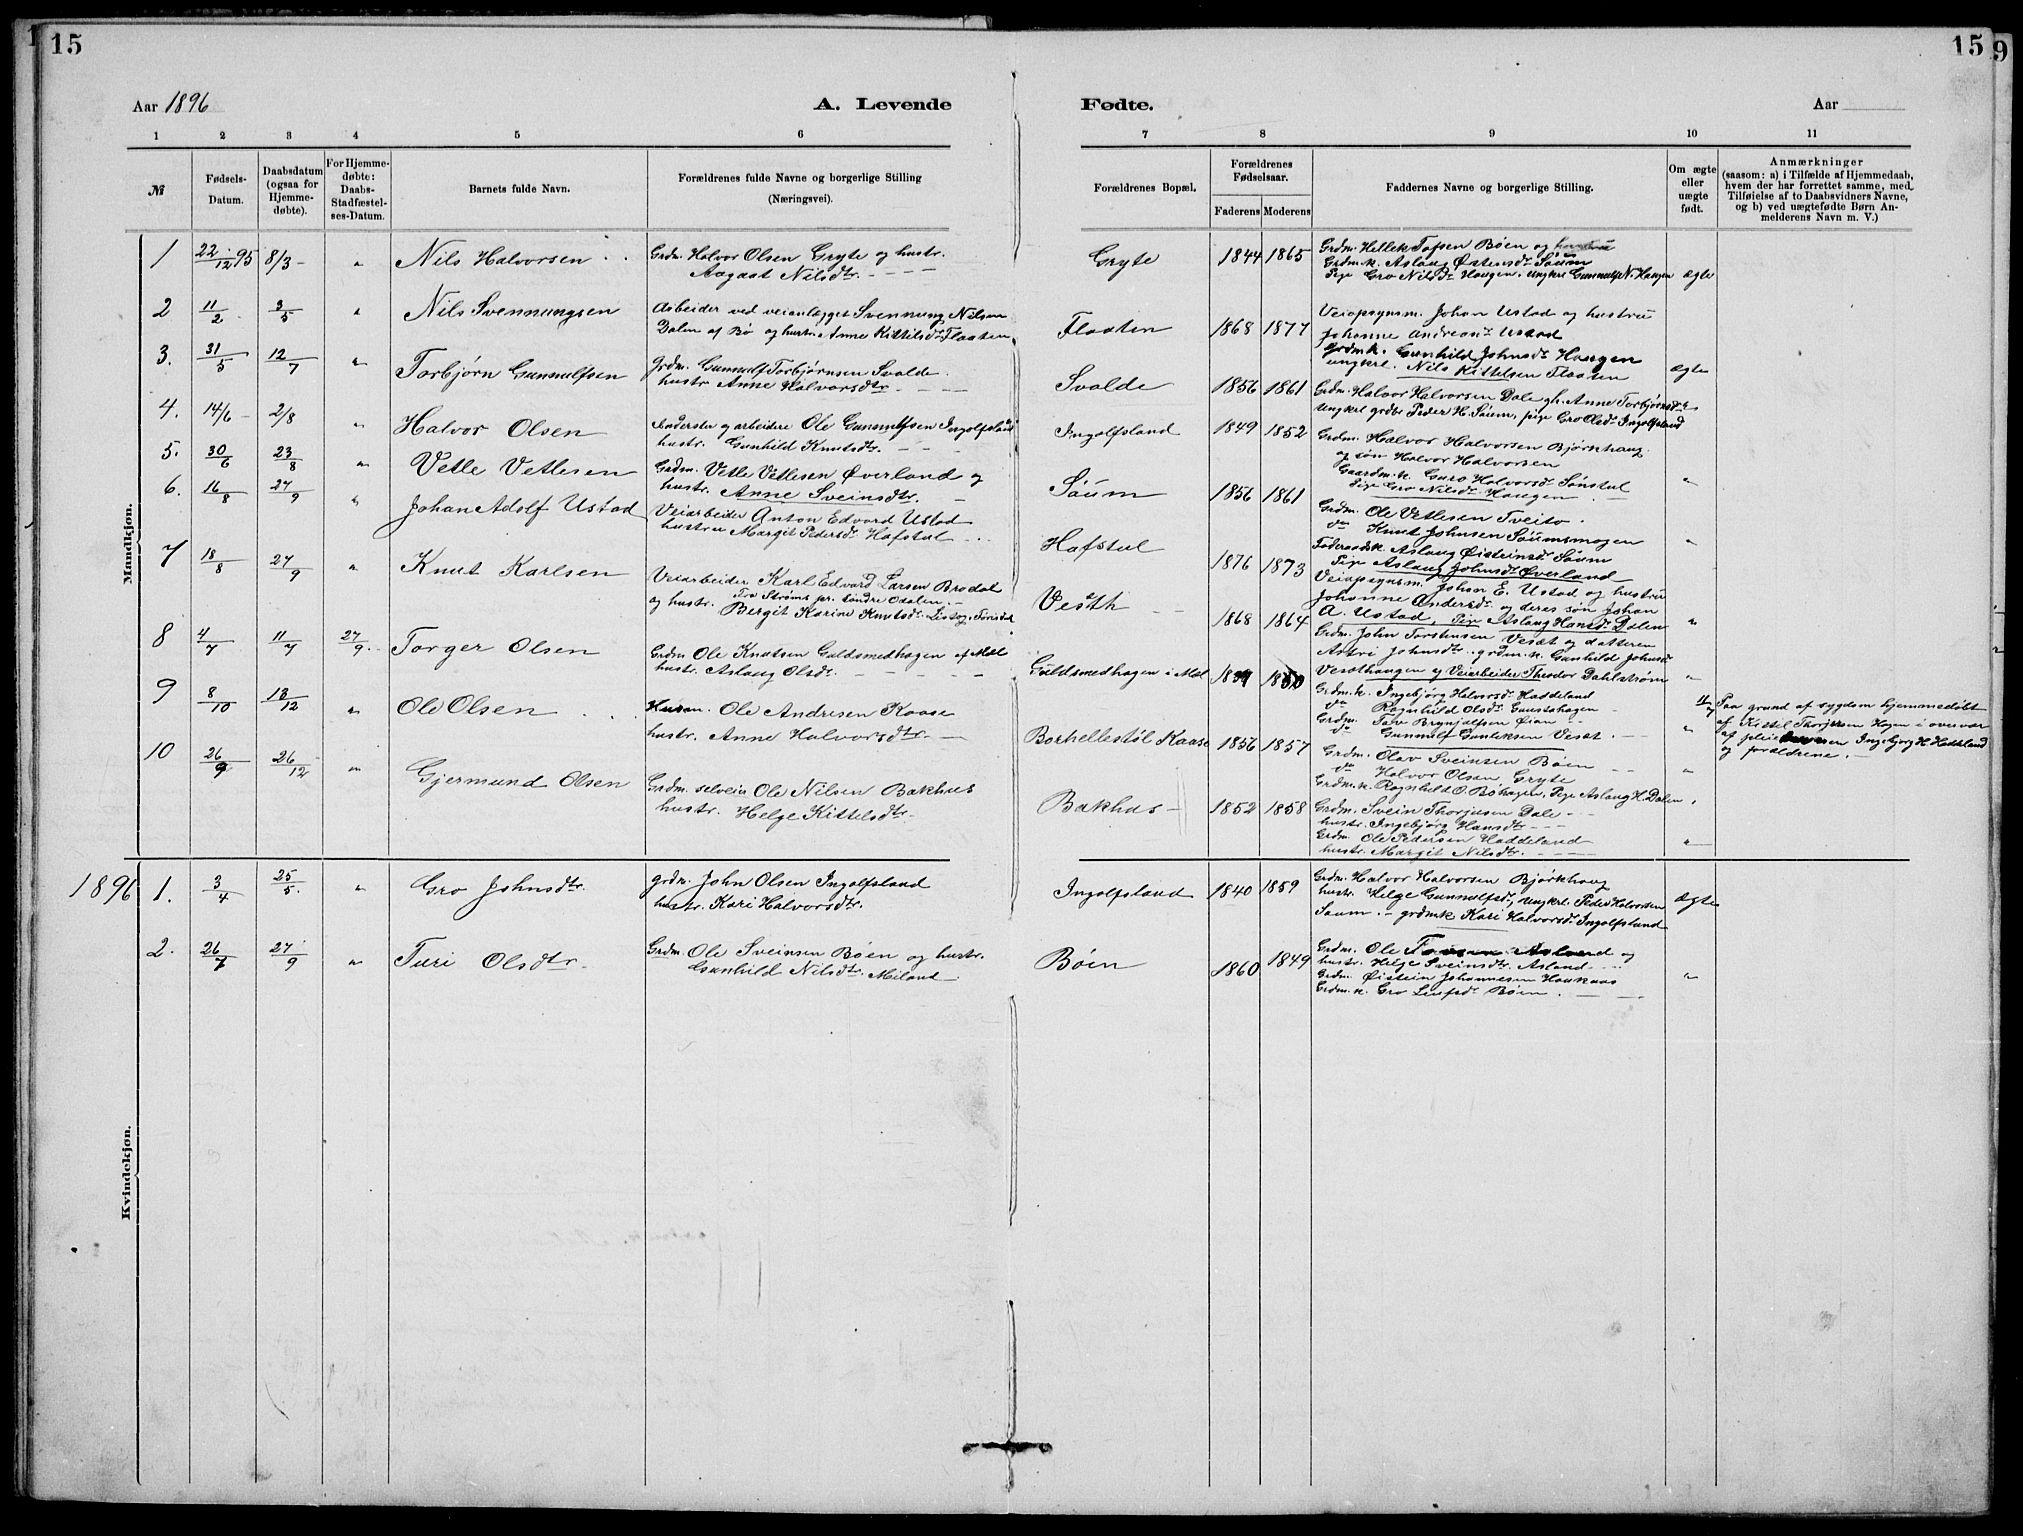 SAKO, Rjukan kirkebøker, G/Ga/L0001: Klokkerbok nr. 1, 1880-1914, s. 15